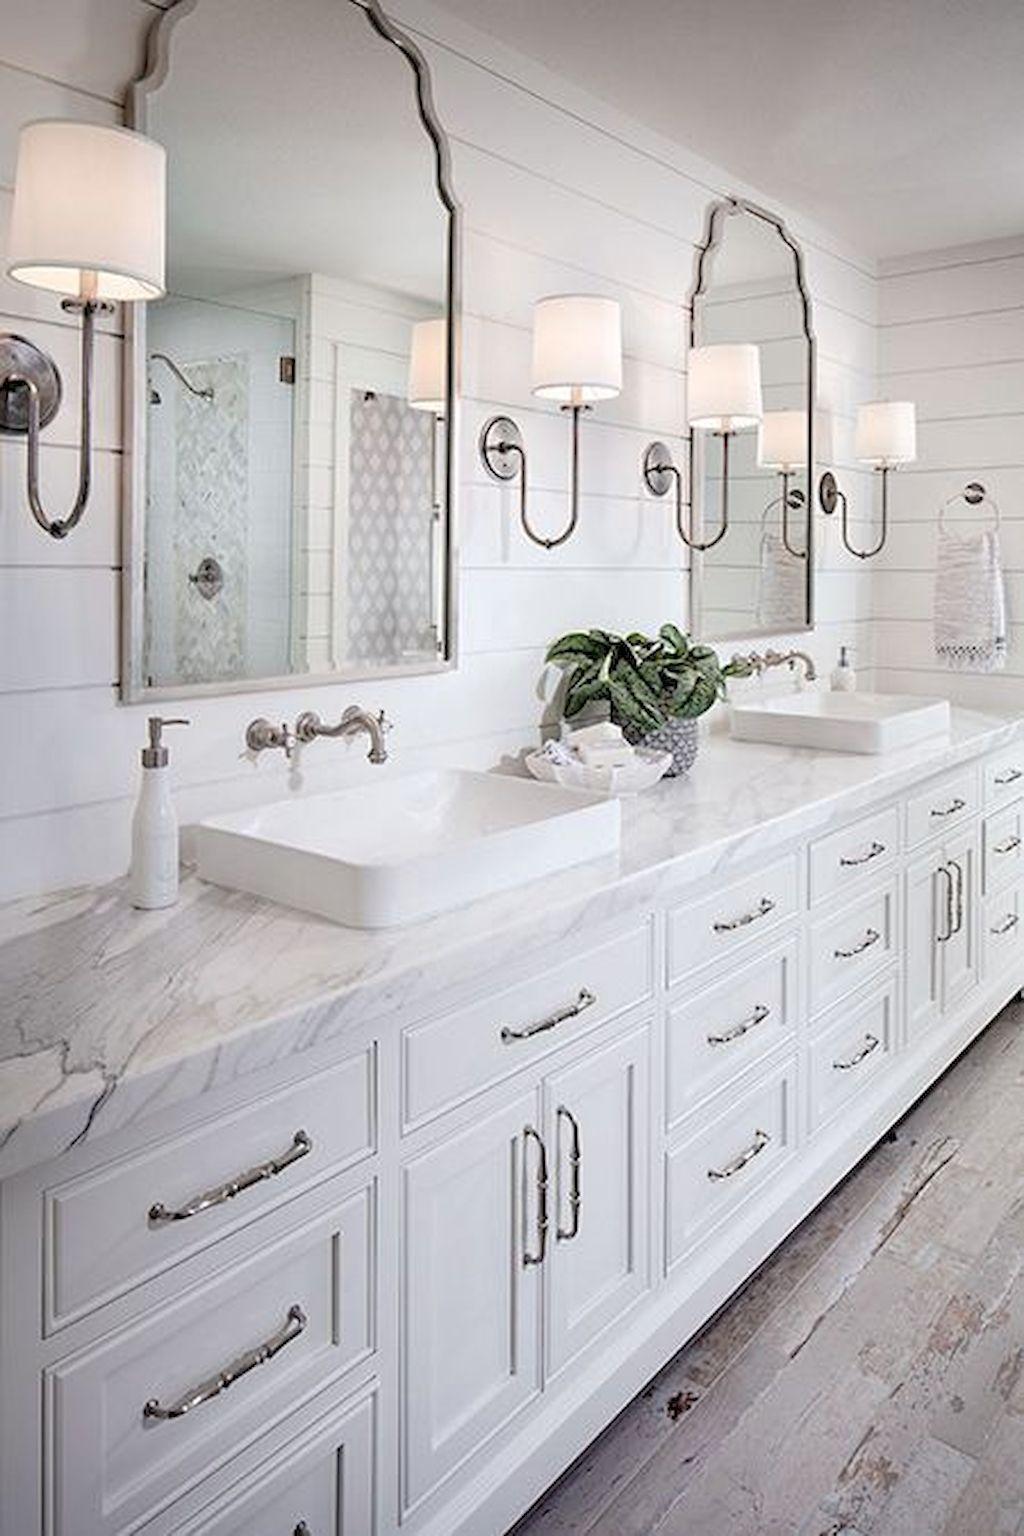 Best Farmhouse Bathroom Vanity Remodel Ideas Bathroom vanities